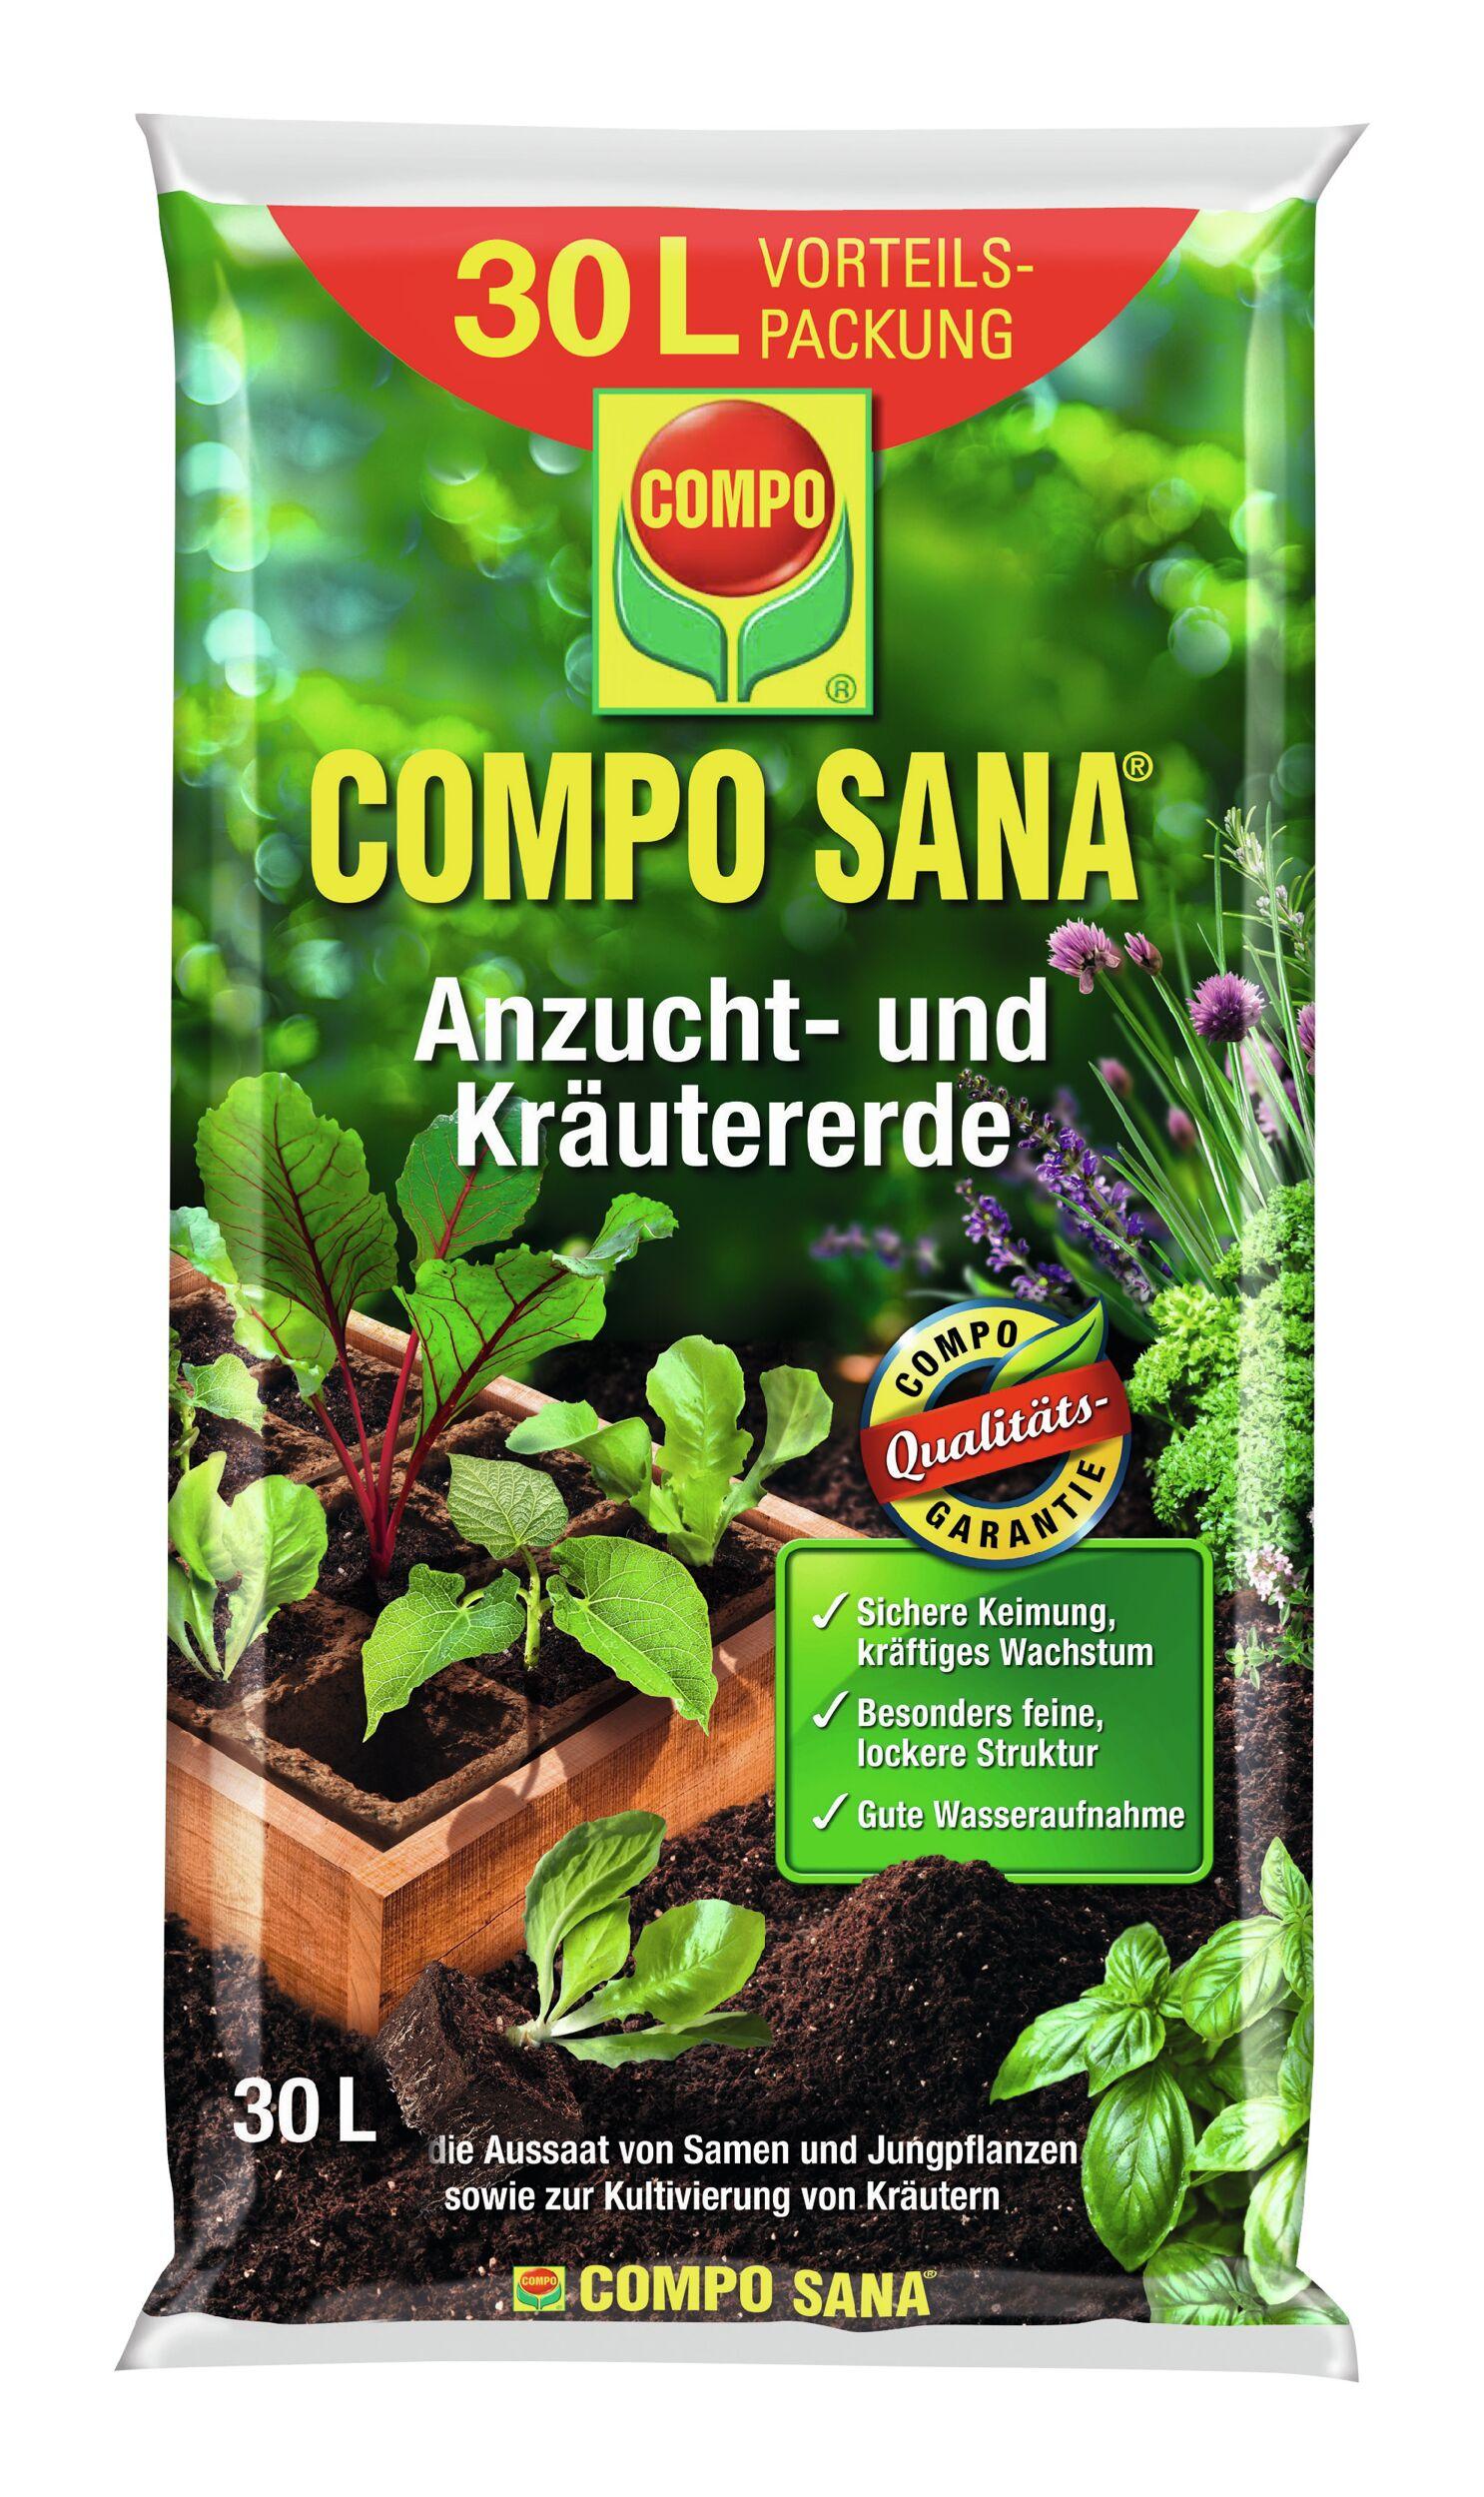 Compo Sana Anzucht-und Kräutererde 30 Liter - (30 Liter)